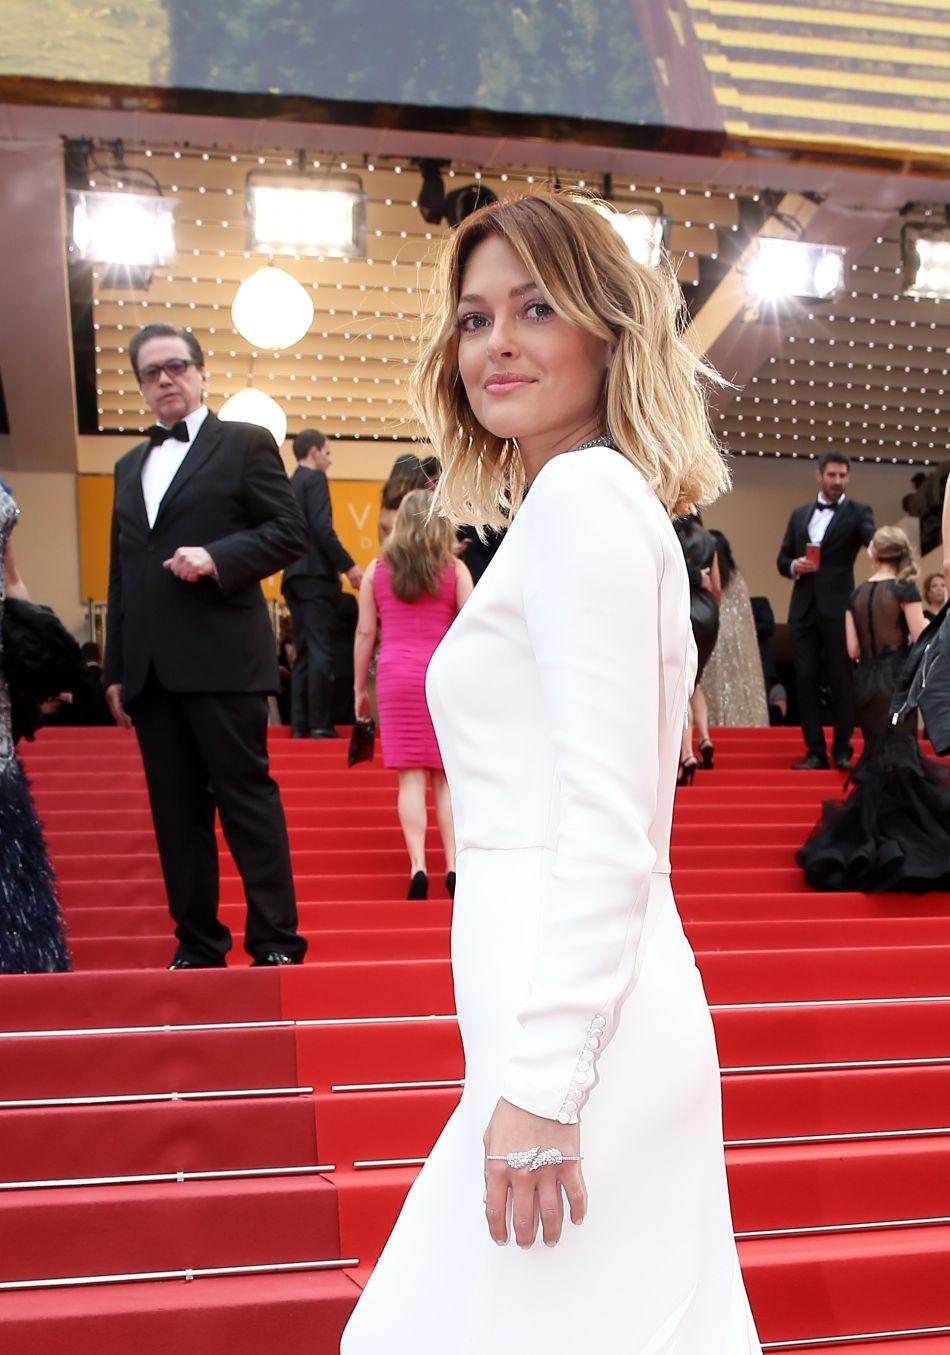 Caroline Receveur affiche sa silhouette svelte en lingerie fine.